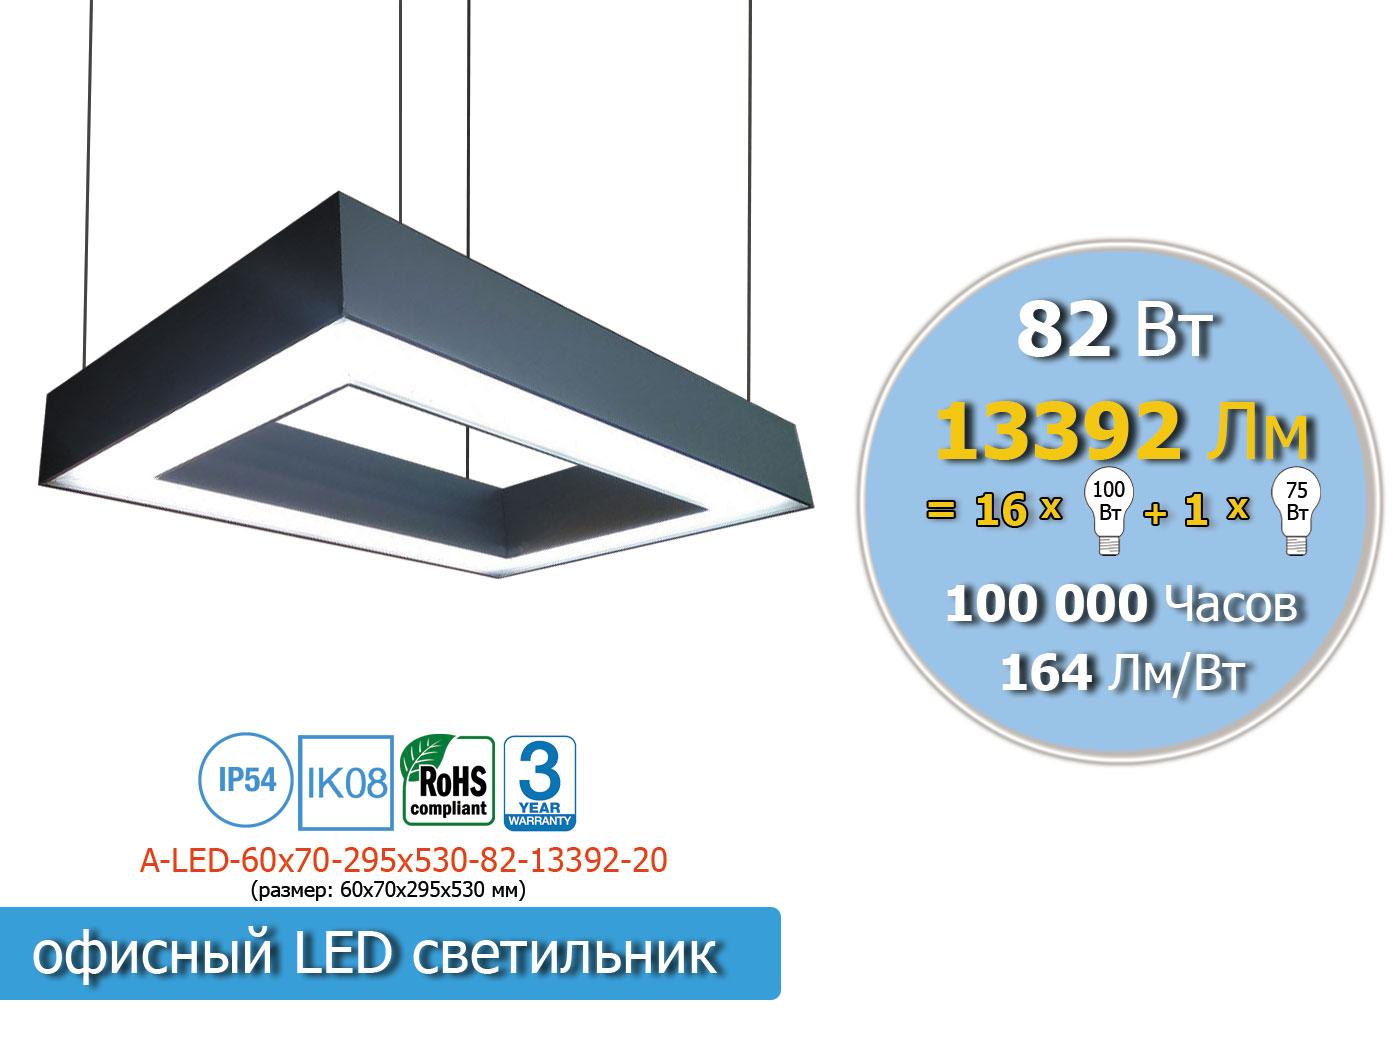 A-LED-60x70-295x530-82-13392-20